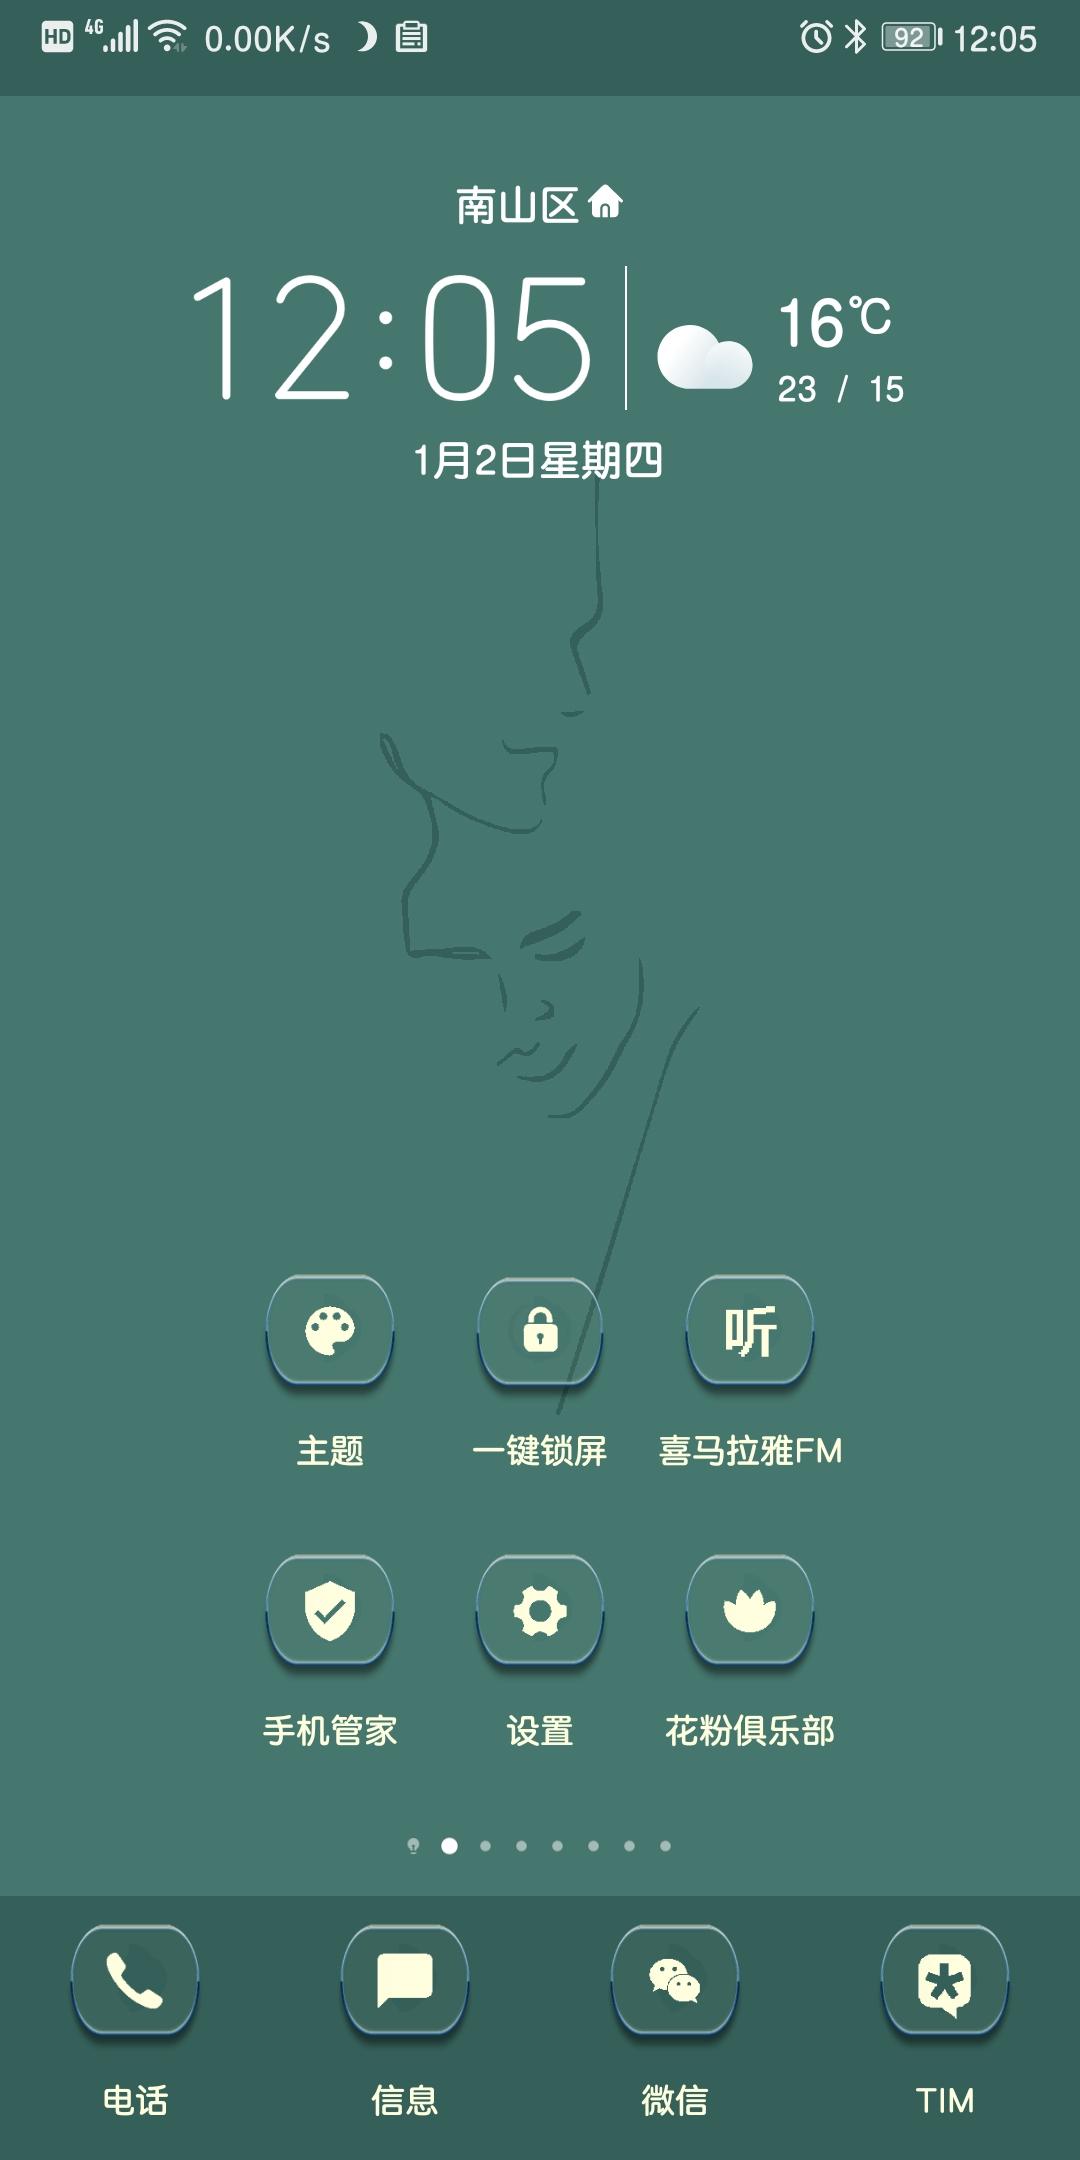 Screenshot_20200102_120524_com.huawei.android.launcher.jpg